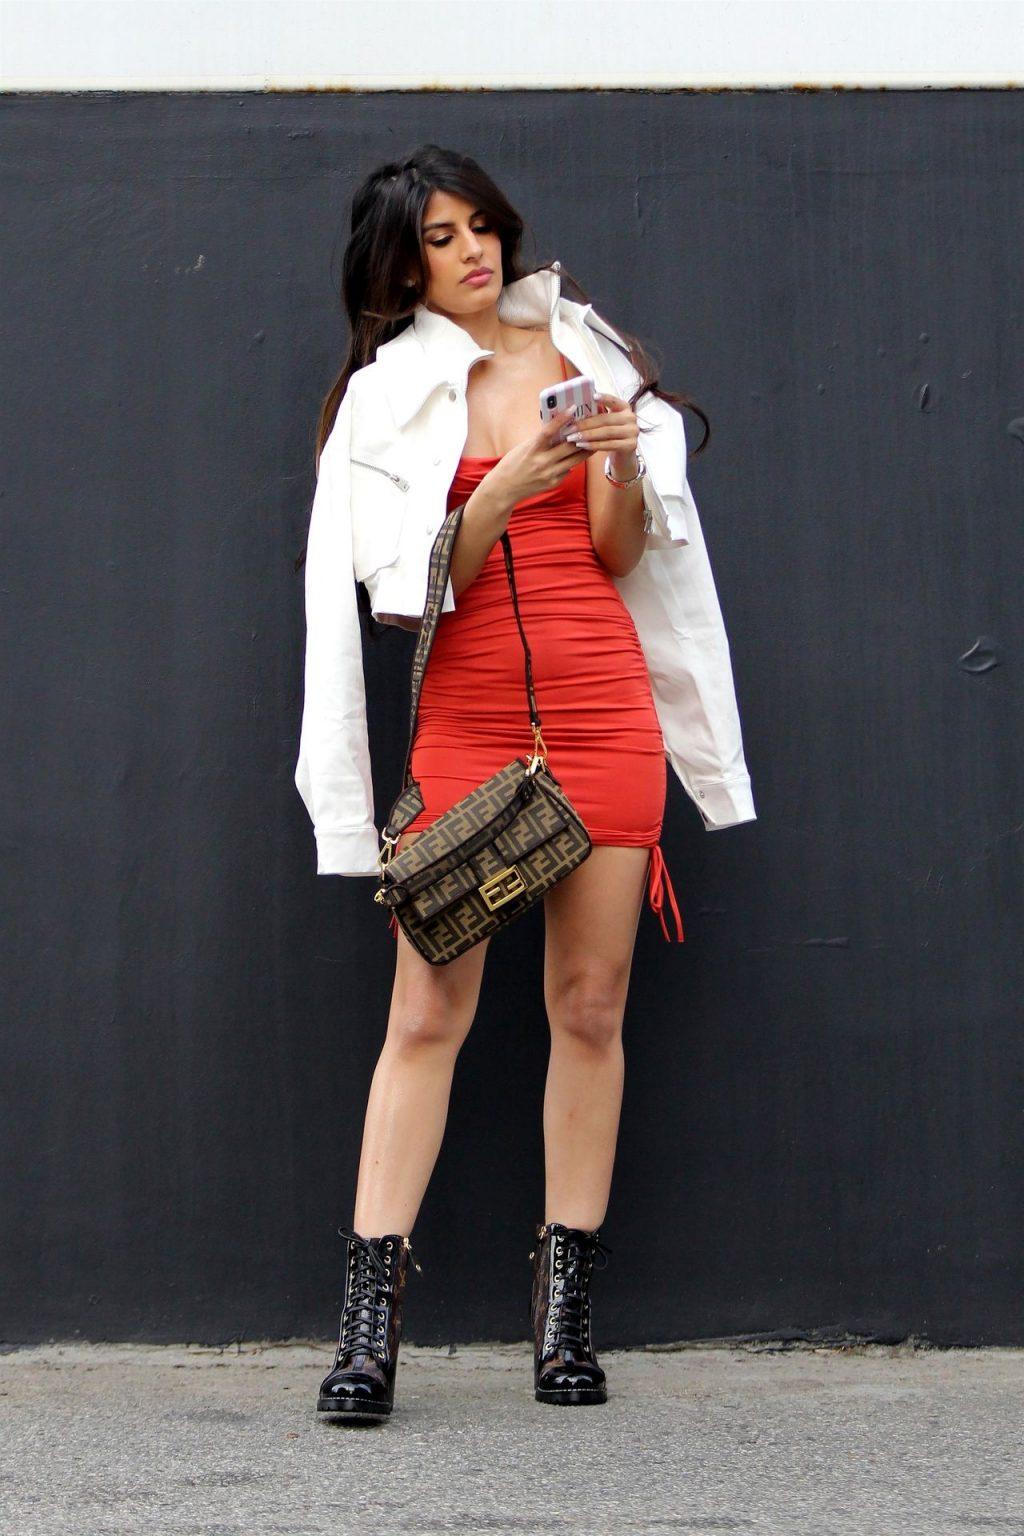 Sexy Jasmin Walia Starts Her Week at LA Studio (44 Photos)